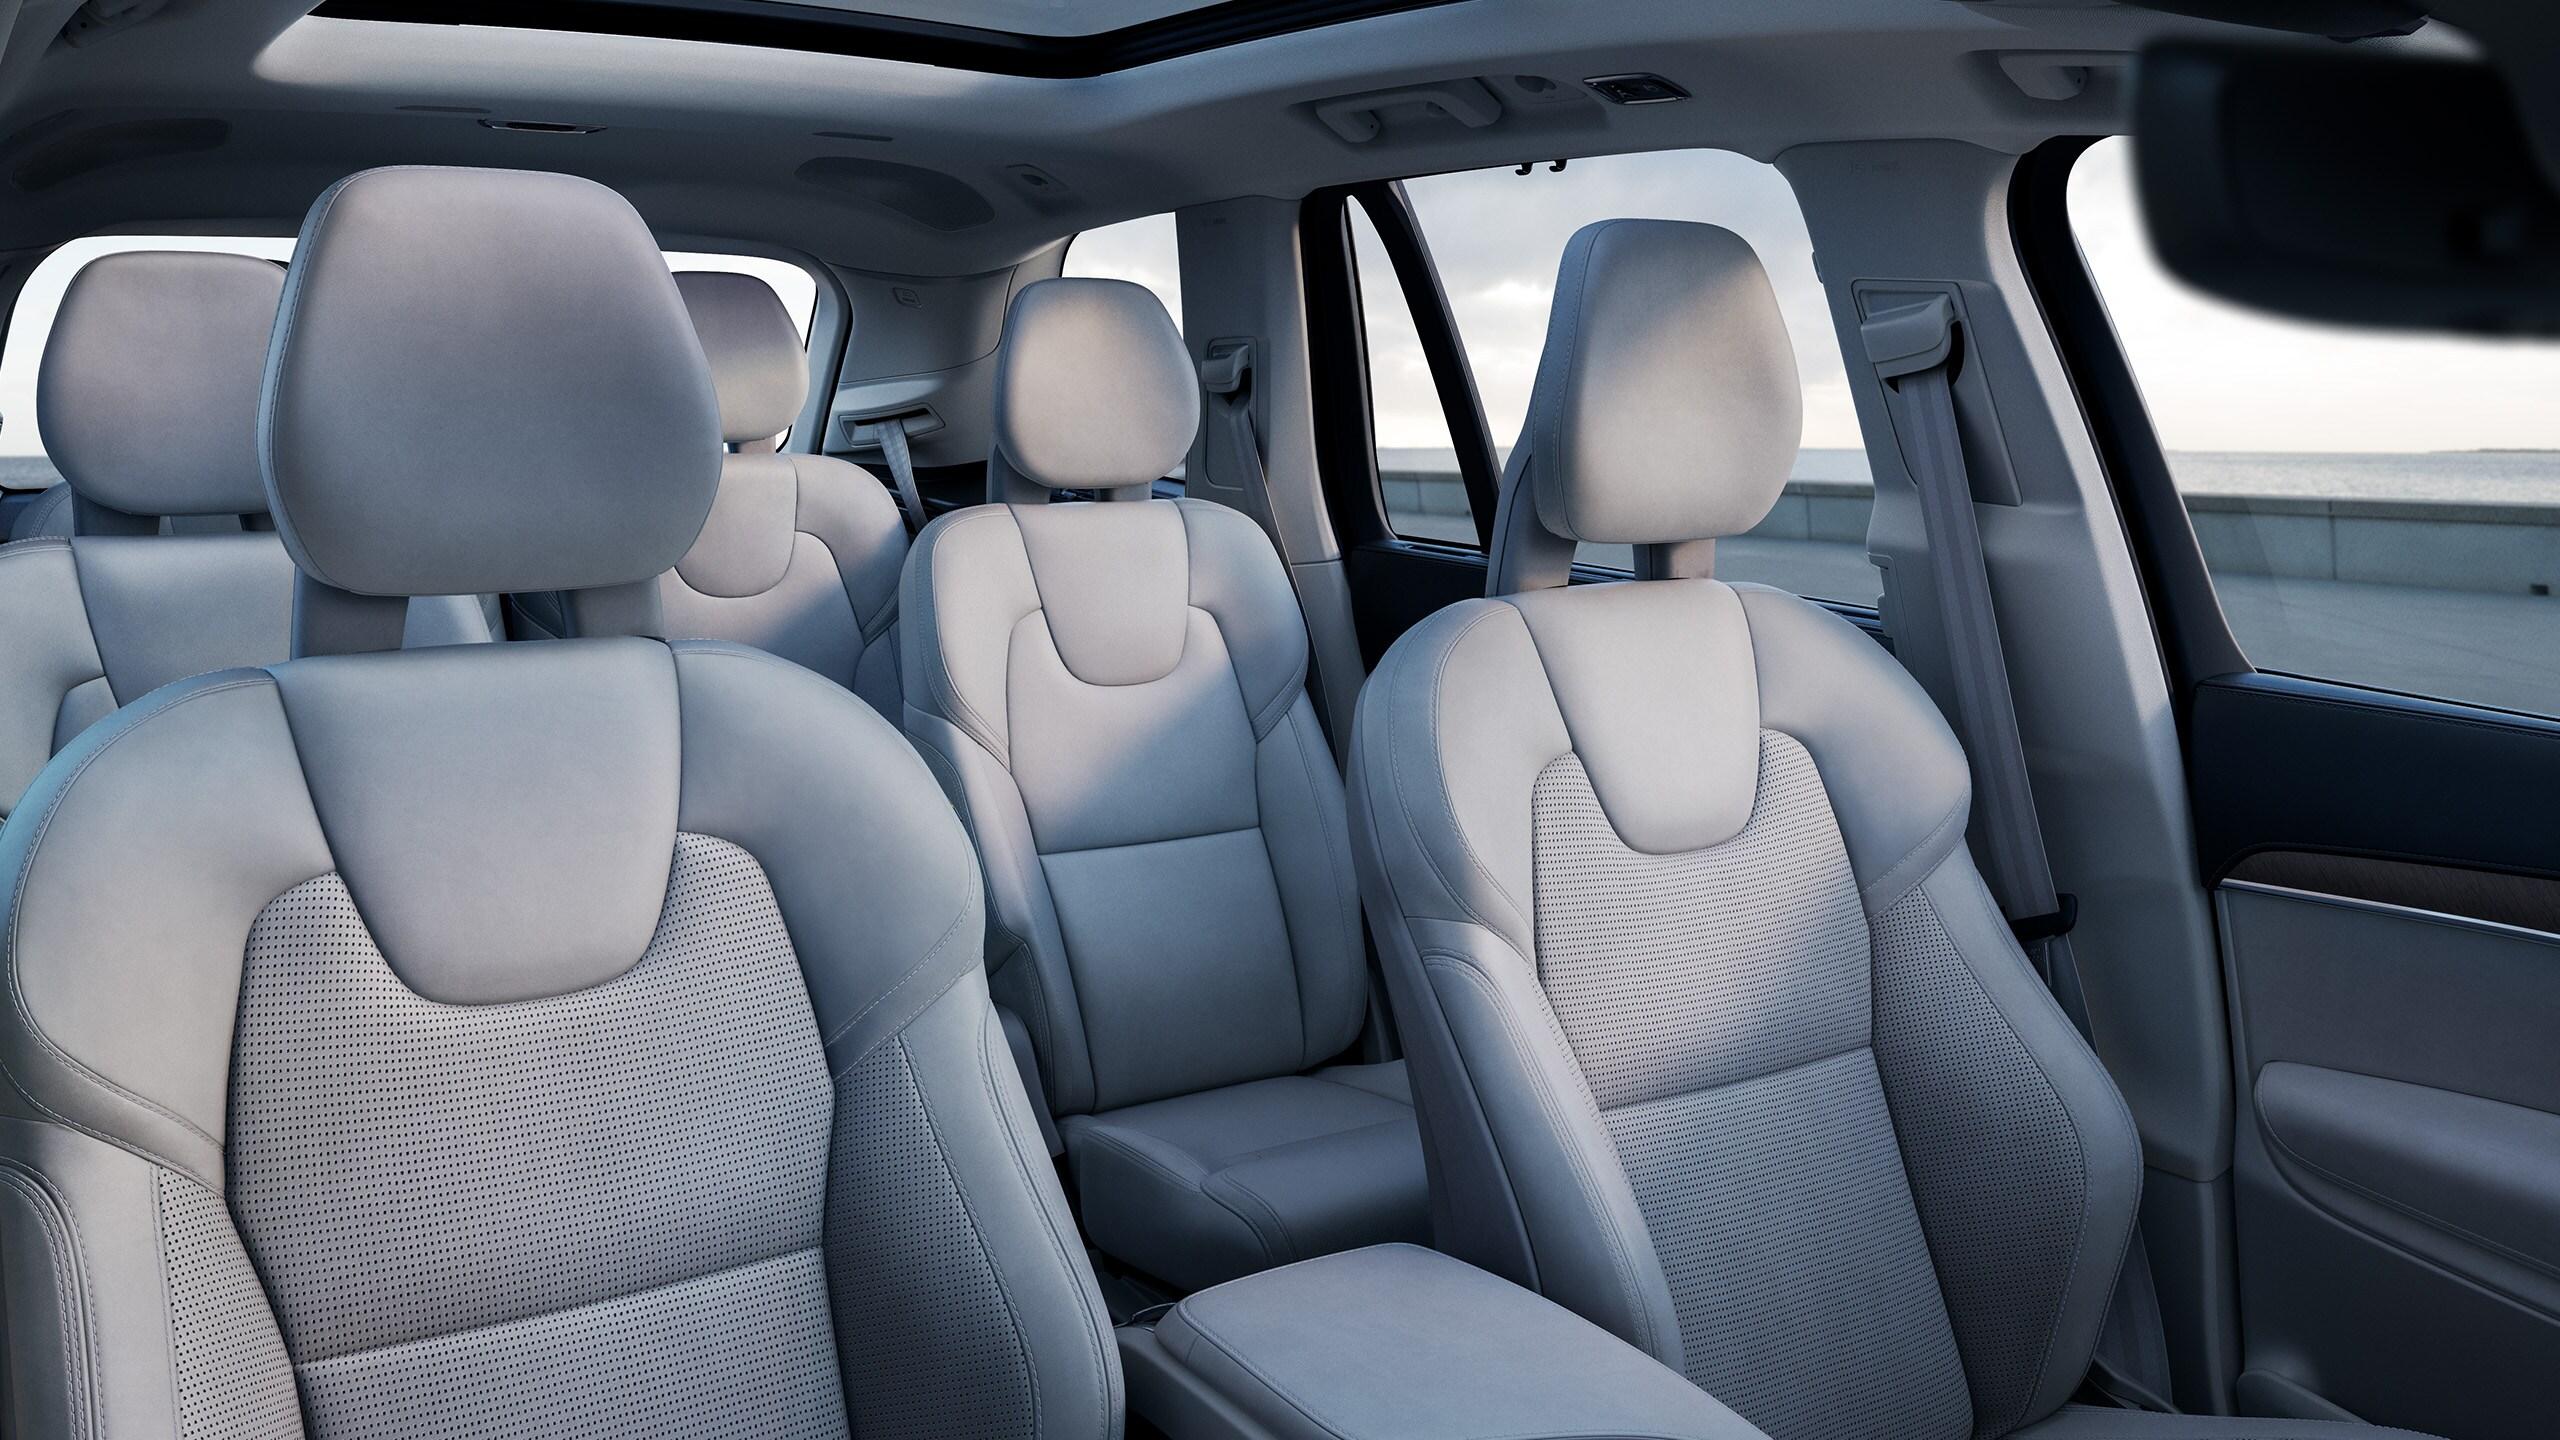 Intérieur d'un Volvo XC90 à 3rangées avec sièges beiges.